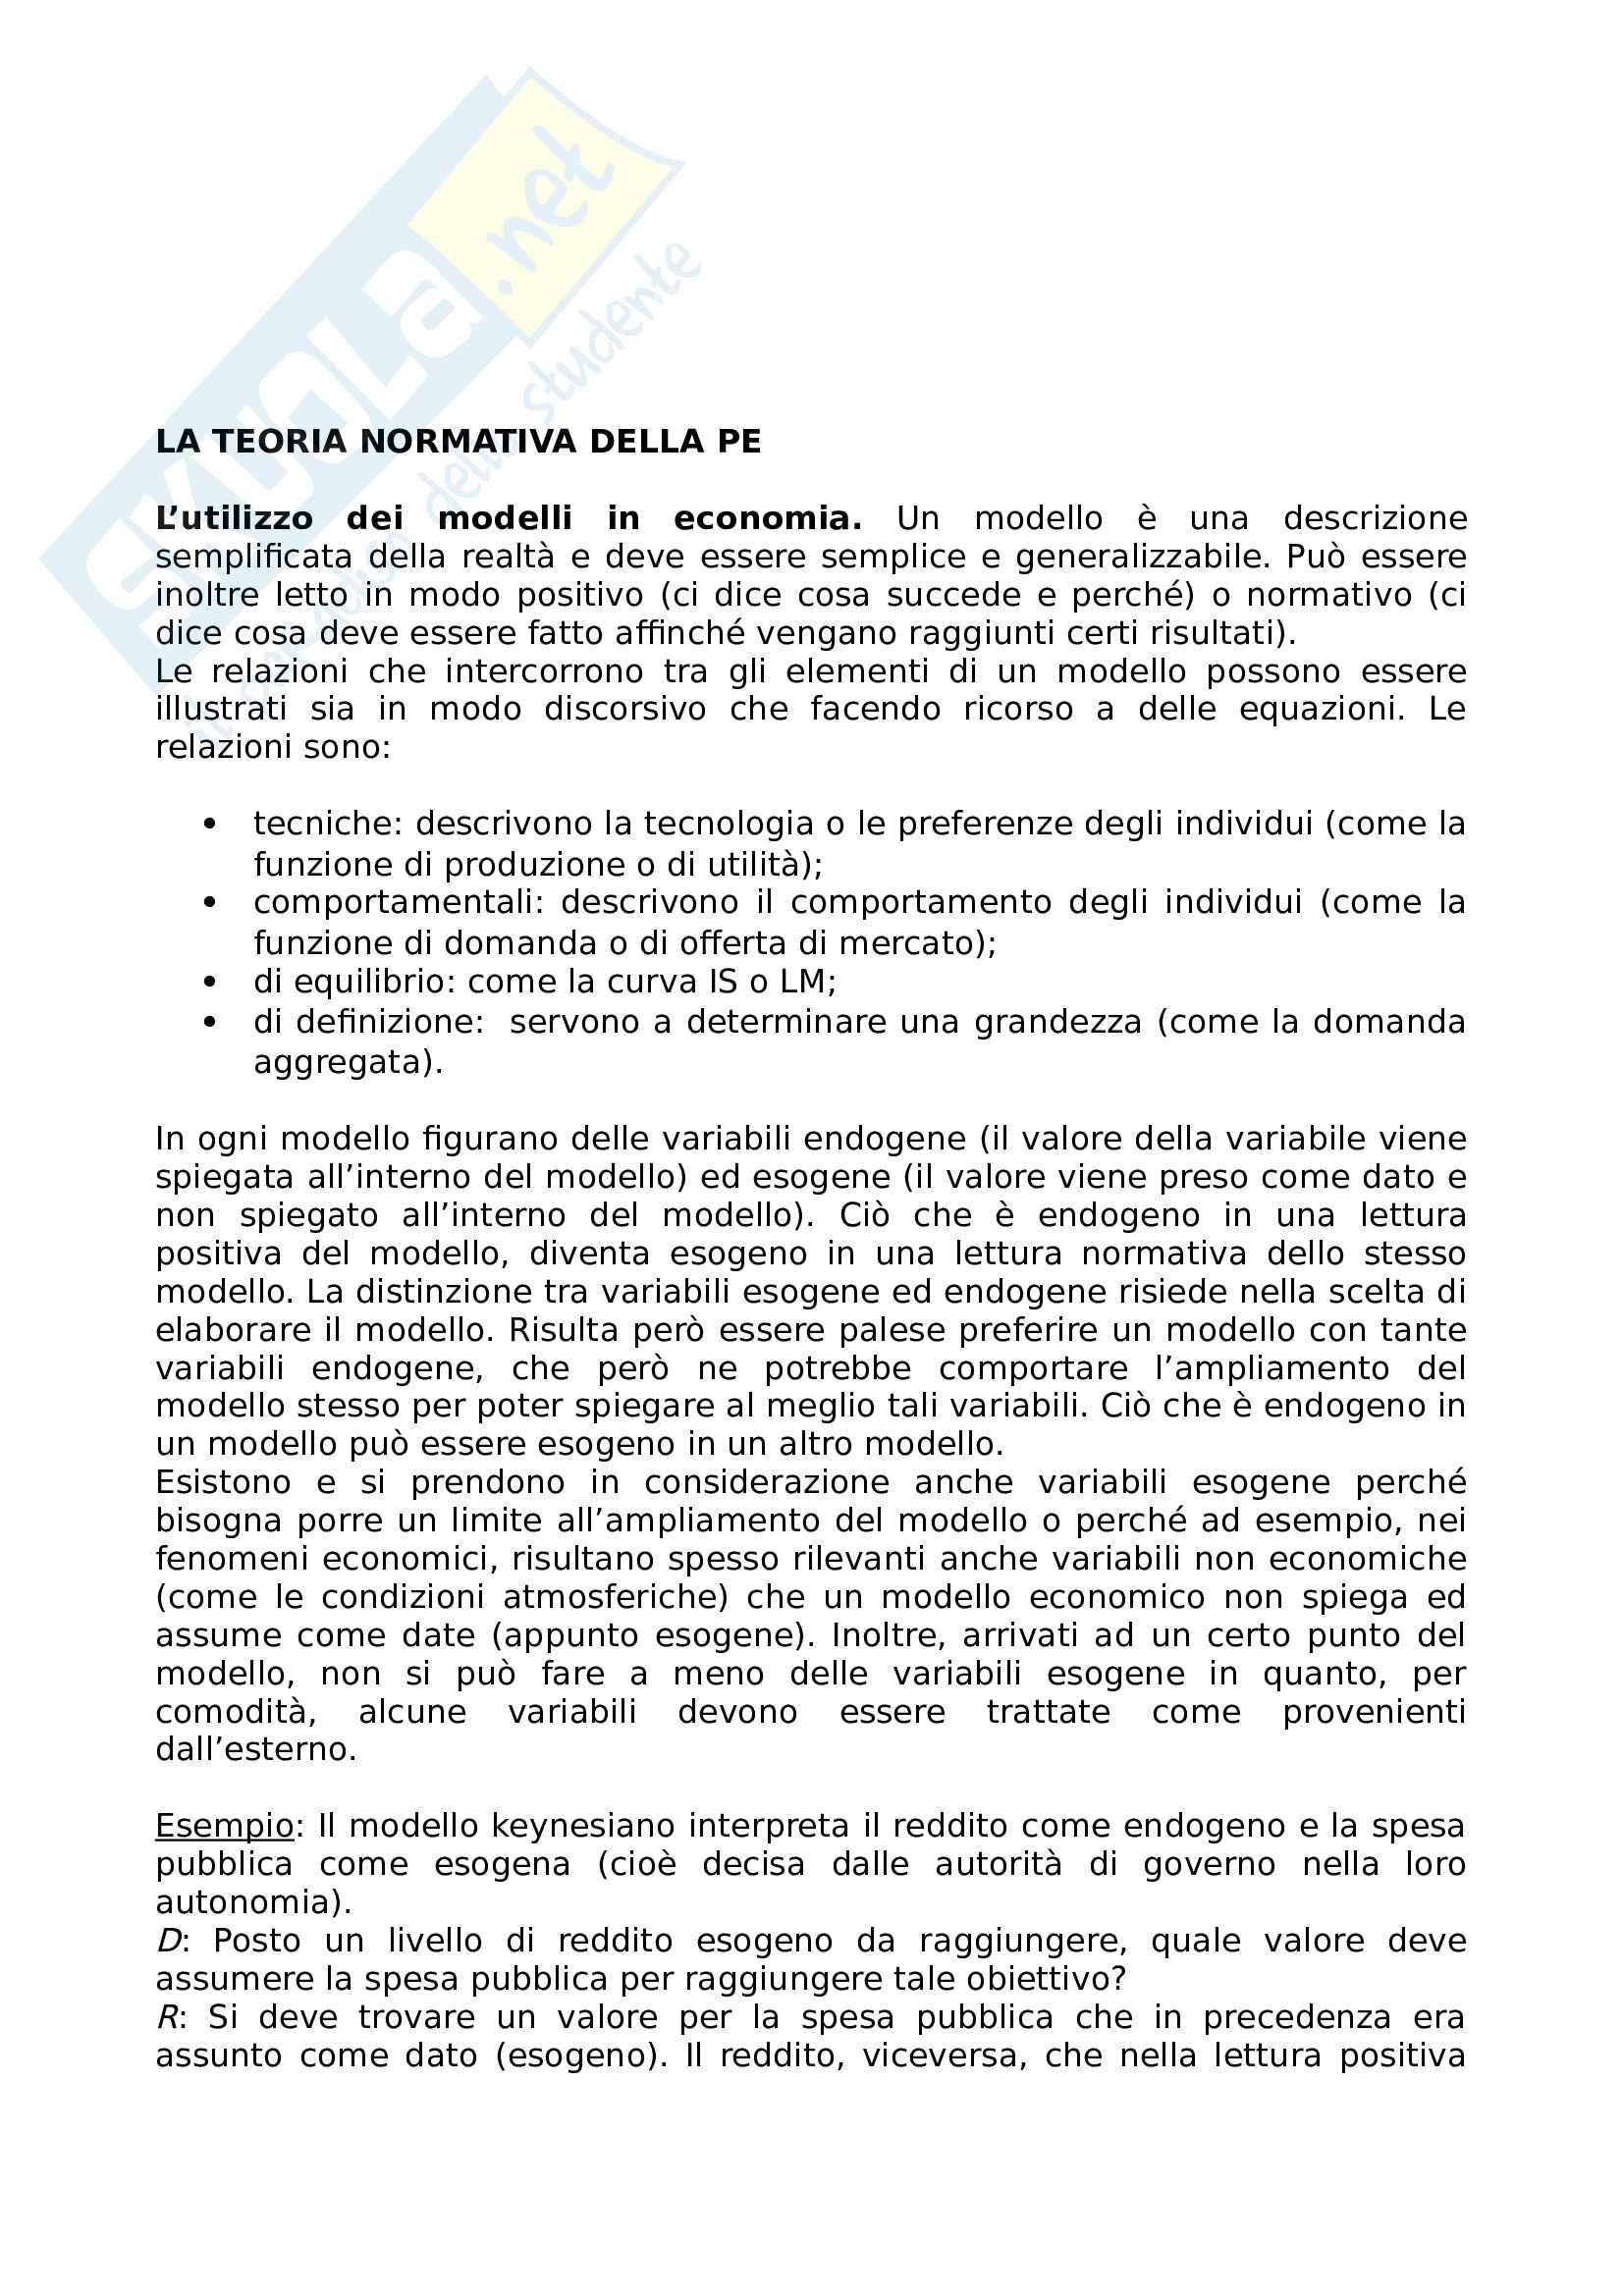 Riassunto di Politica Economica, prof. Biondo, aggiornato 07/2018 Pag. 2